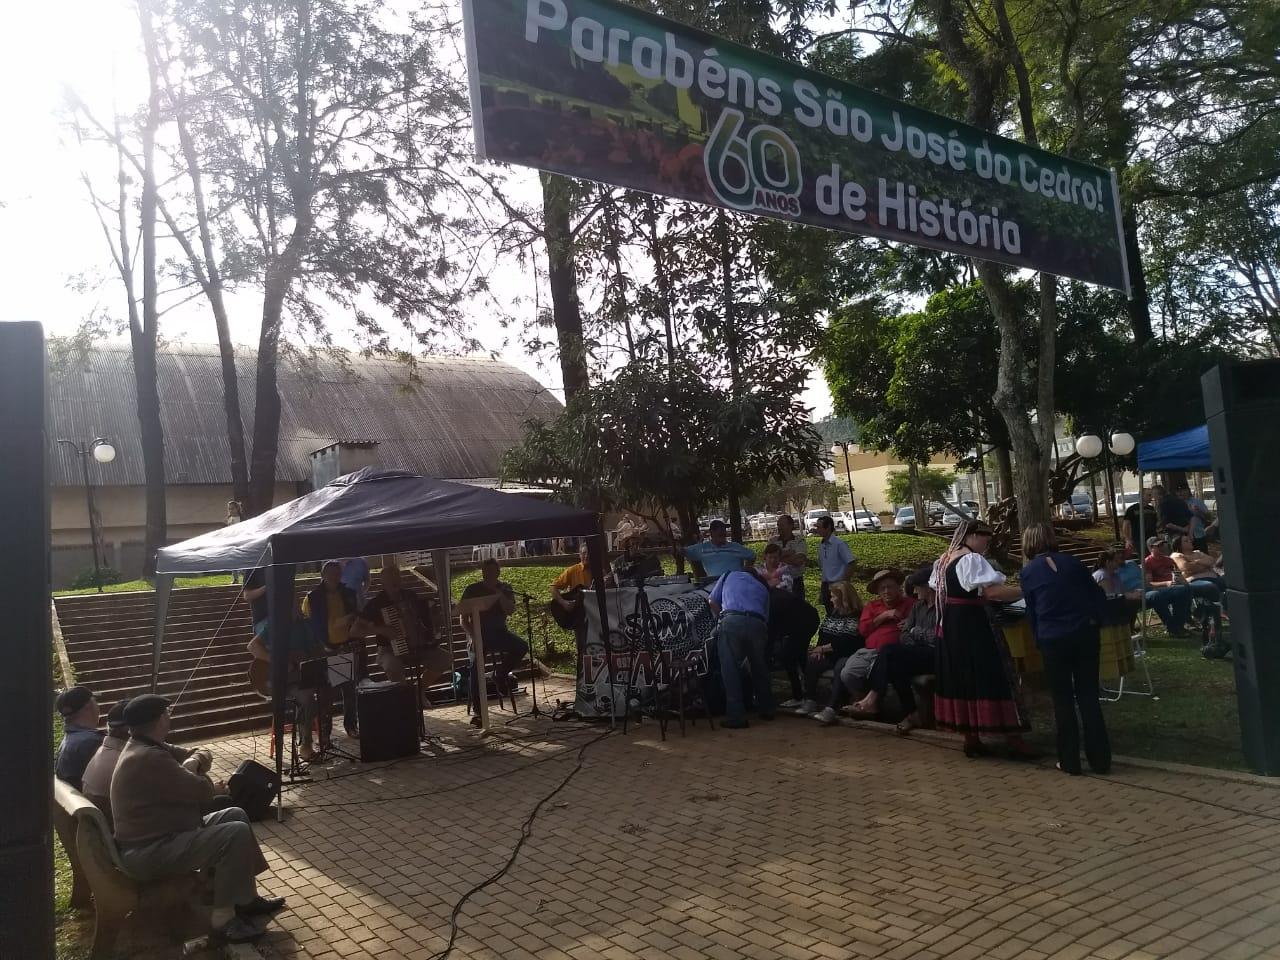 São José do Cedro comemora 60 anos com celebração e mateada na praça